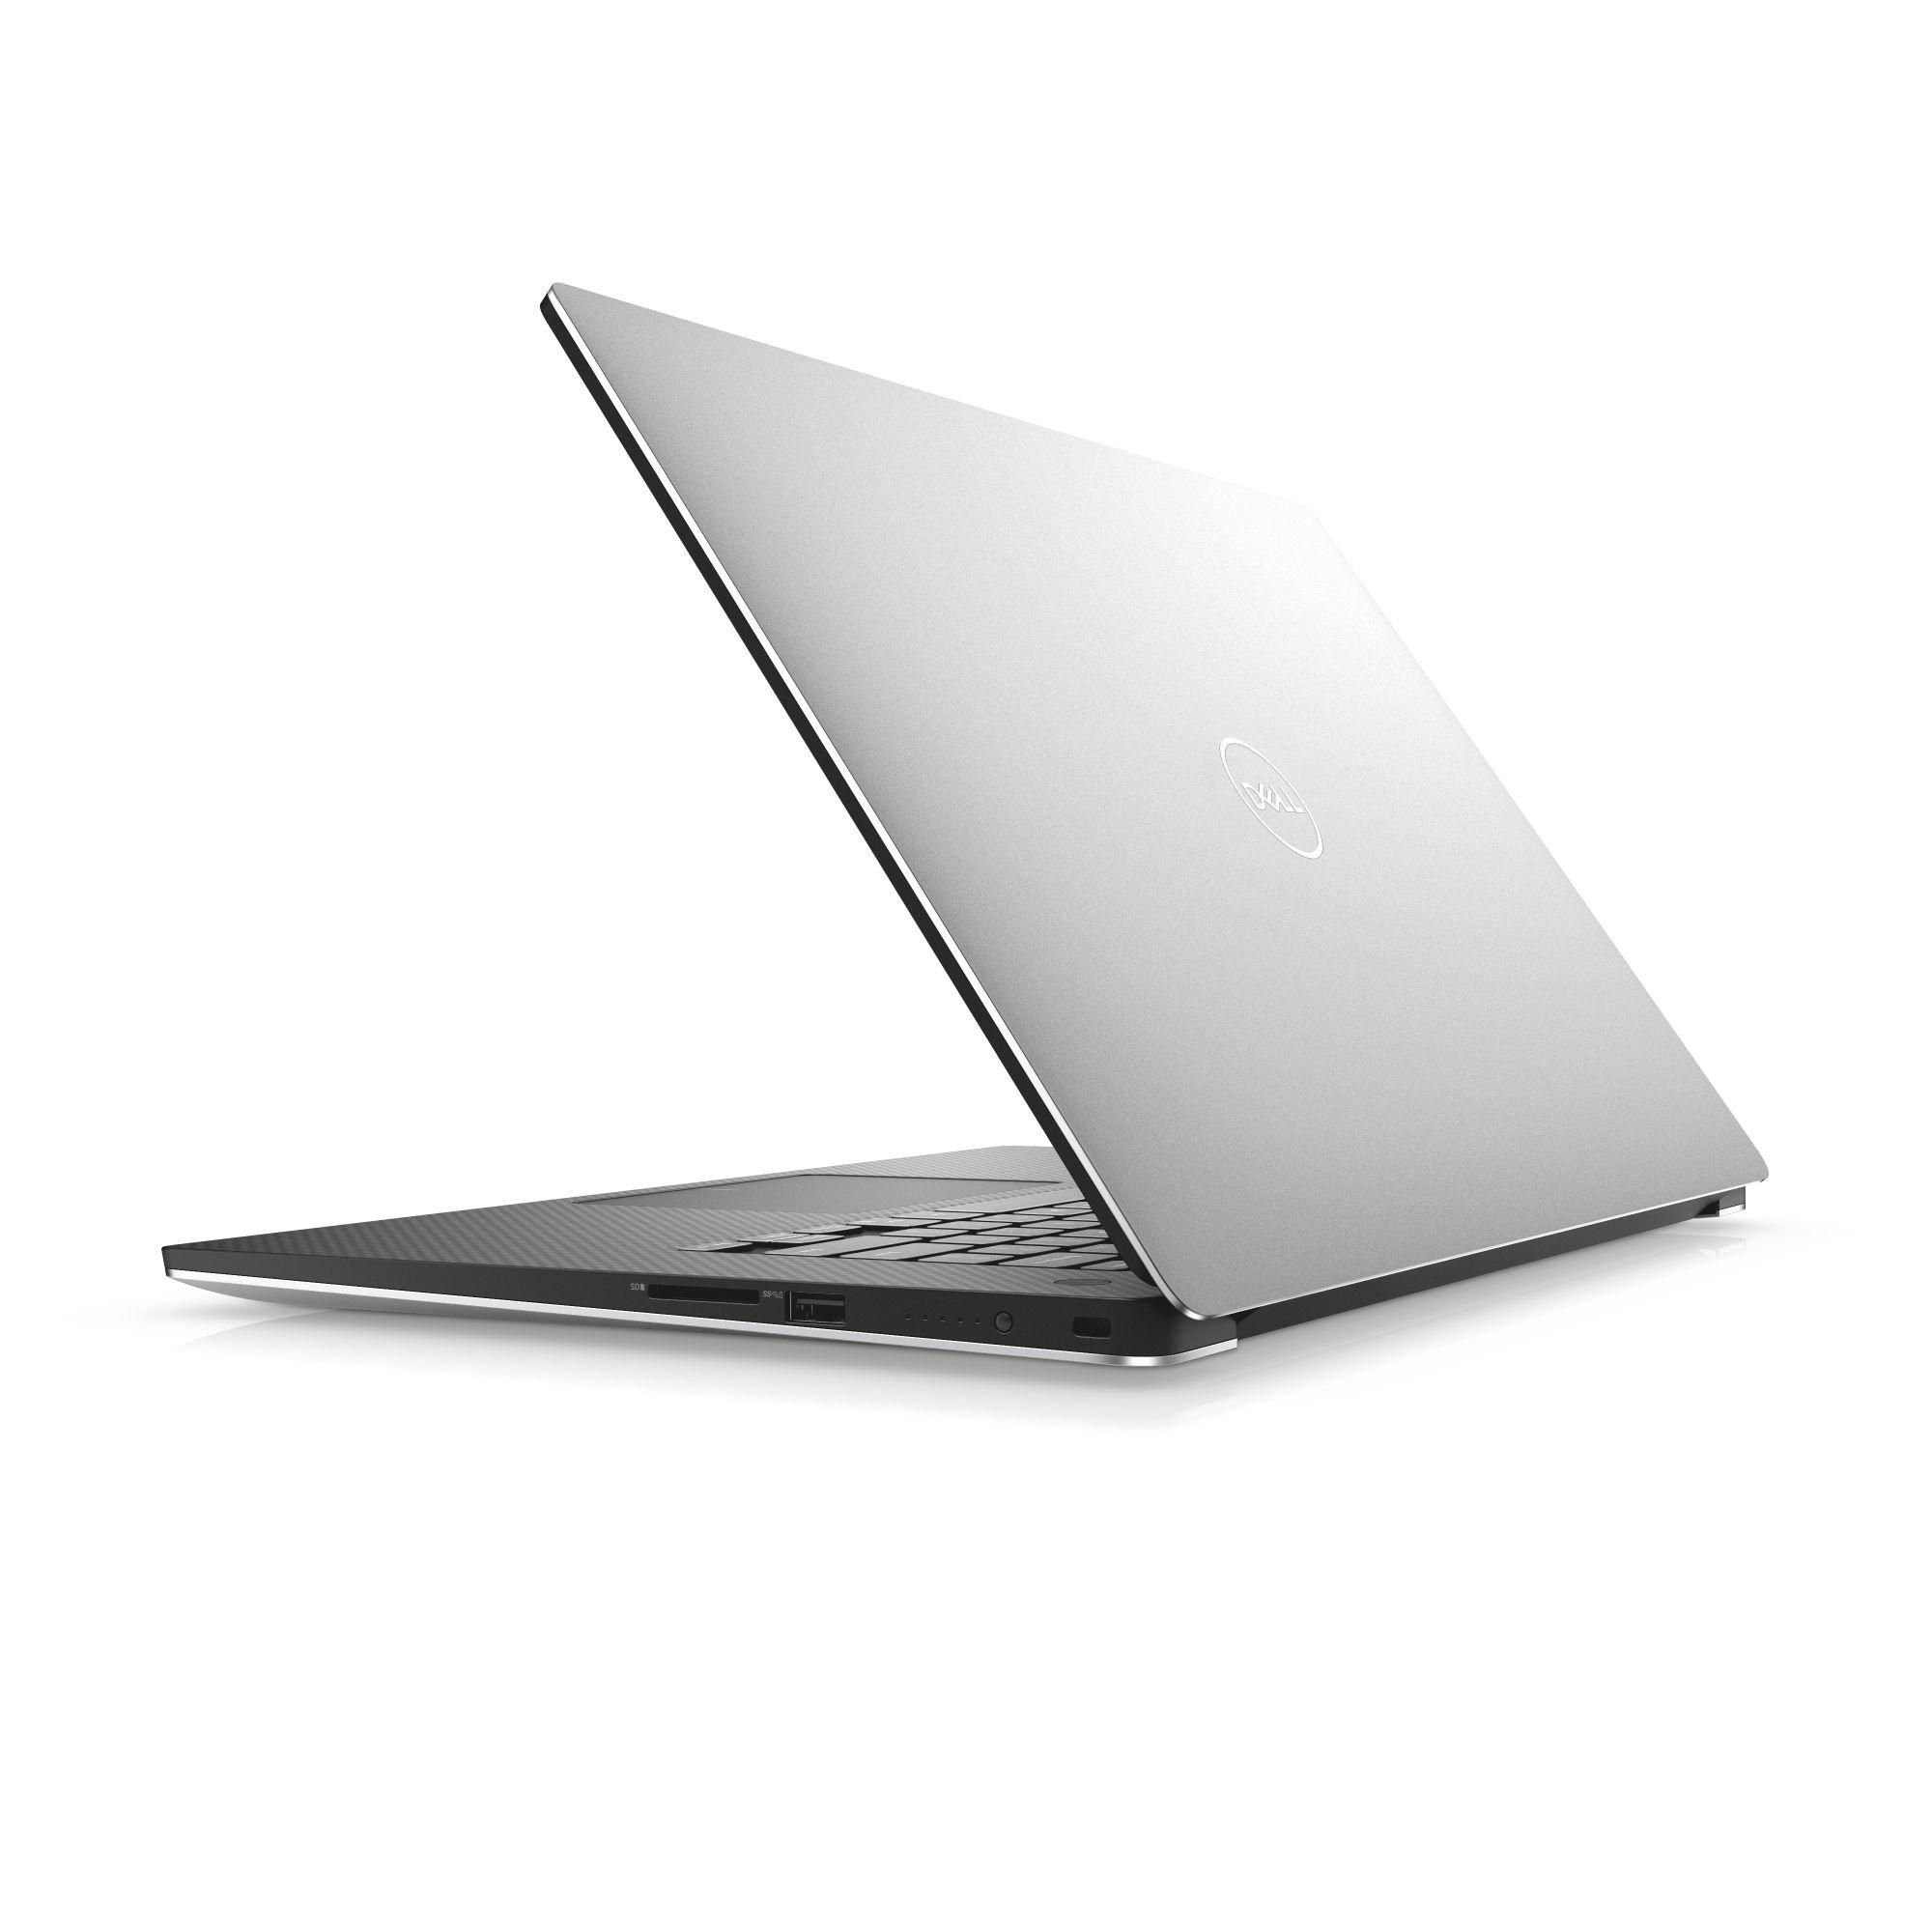 Dell XPS 15 9570 15'' UHD Touch i7-8750H/32GB/1TB SSD/Ti 1050-4GB/THB/MCR/FPR/W10/2RNBD/Stříbrný